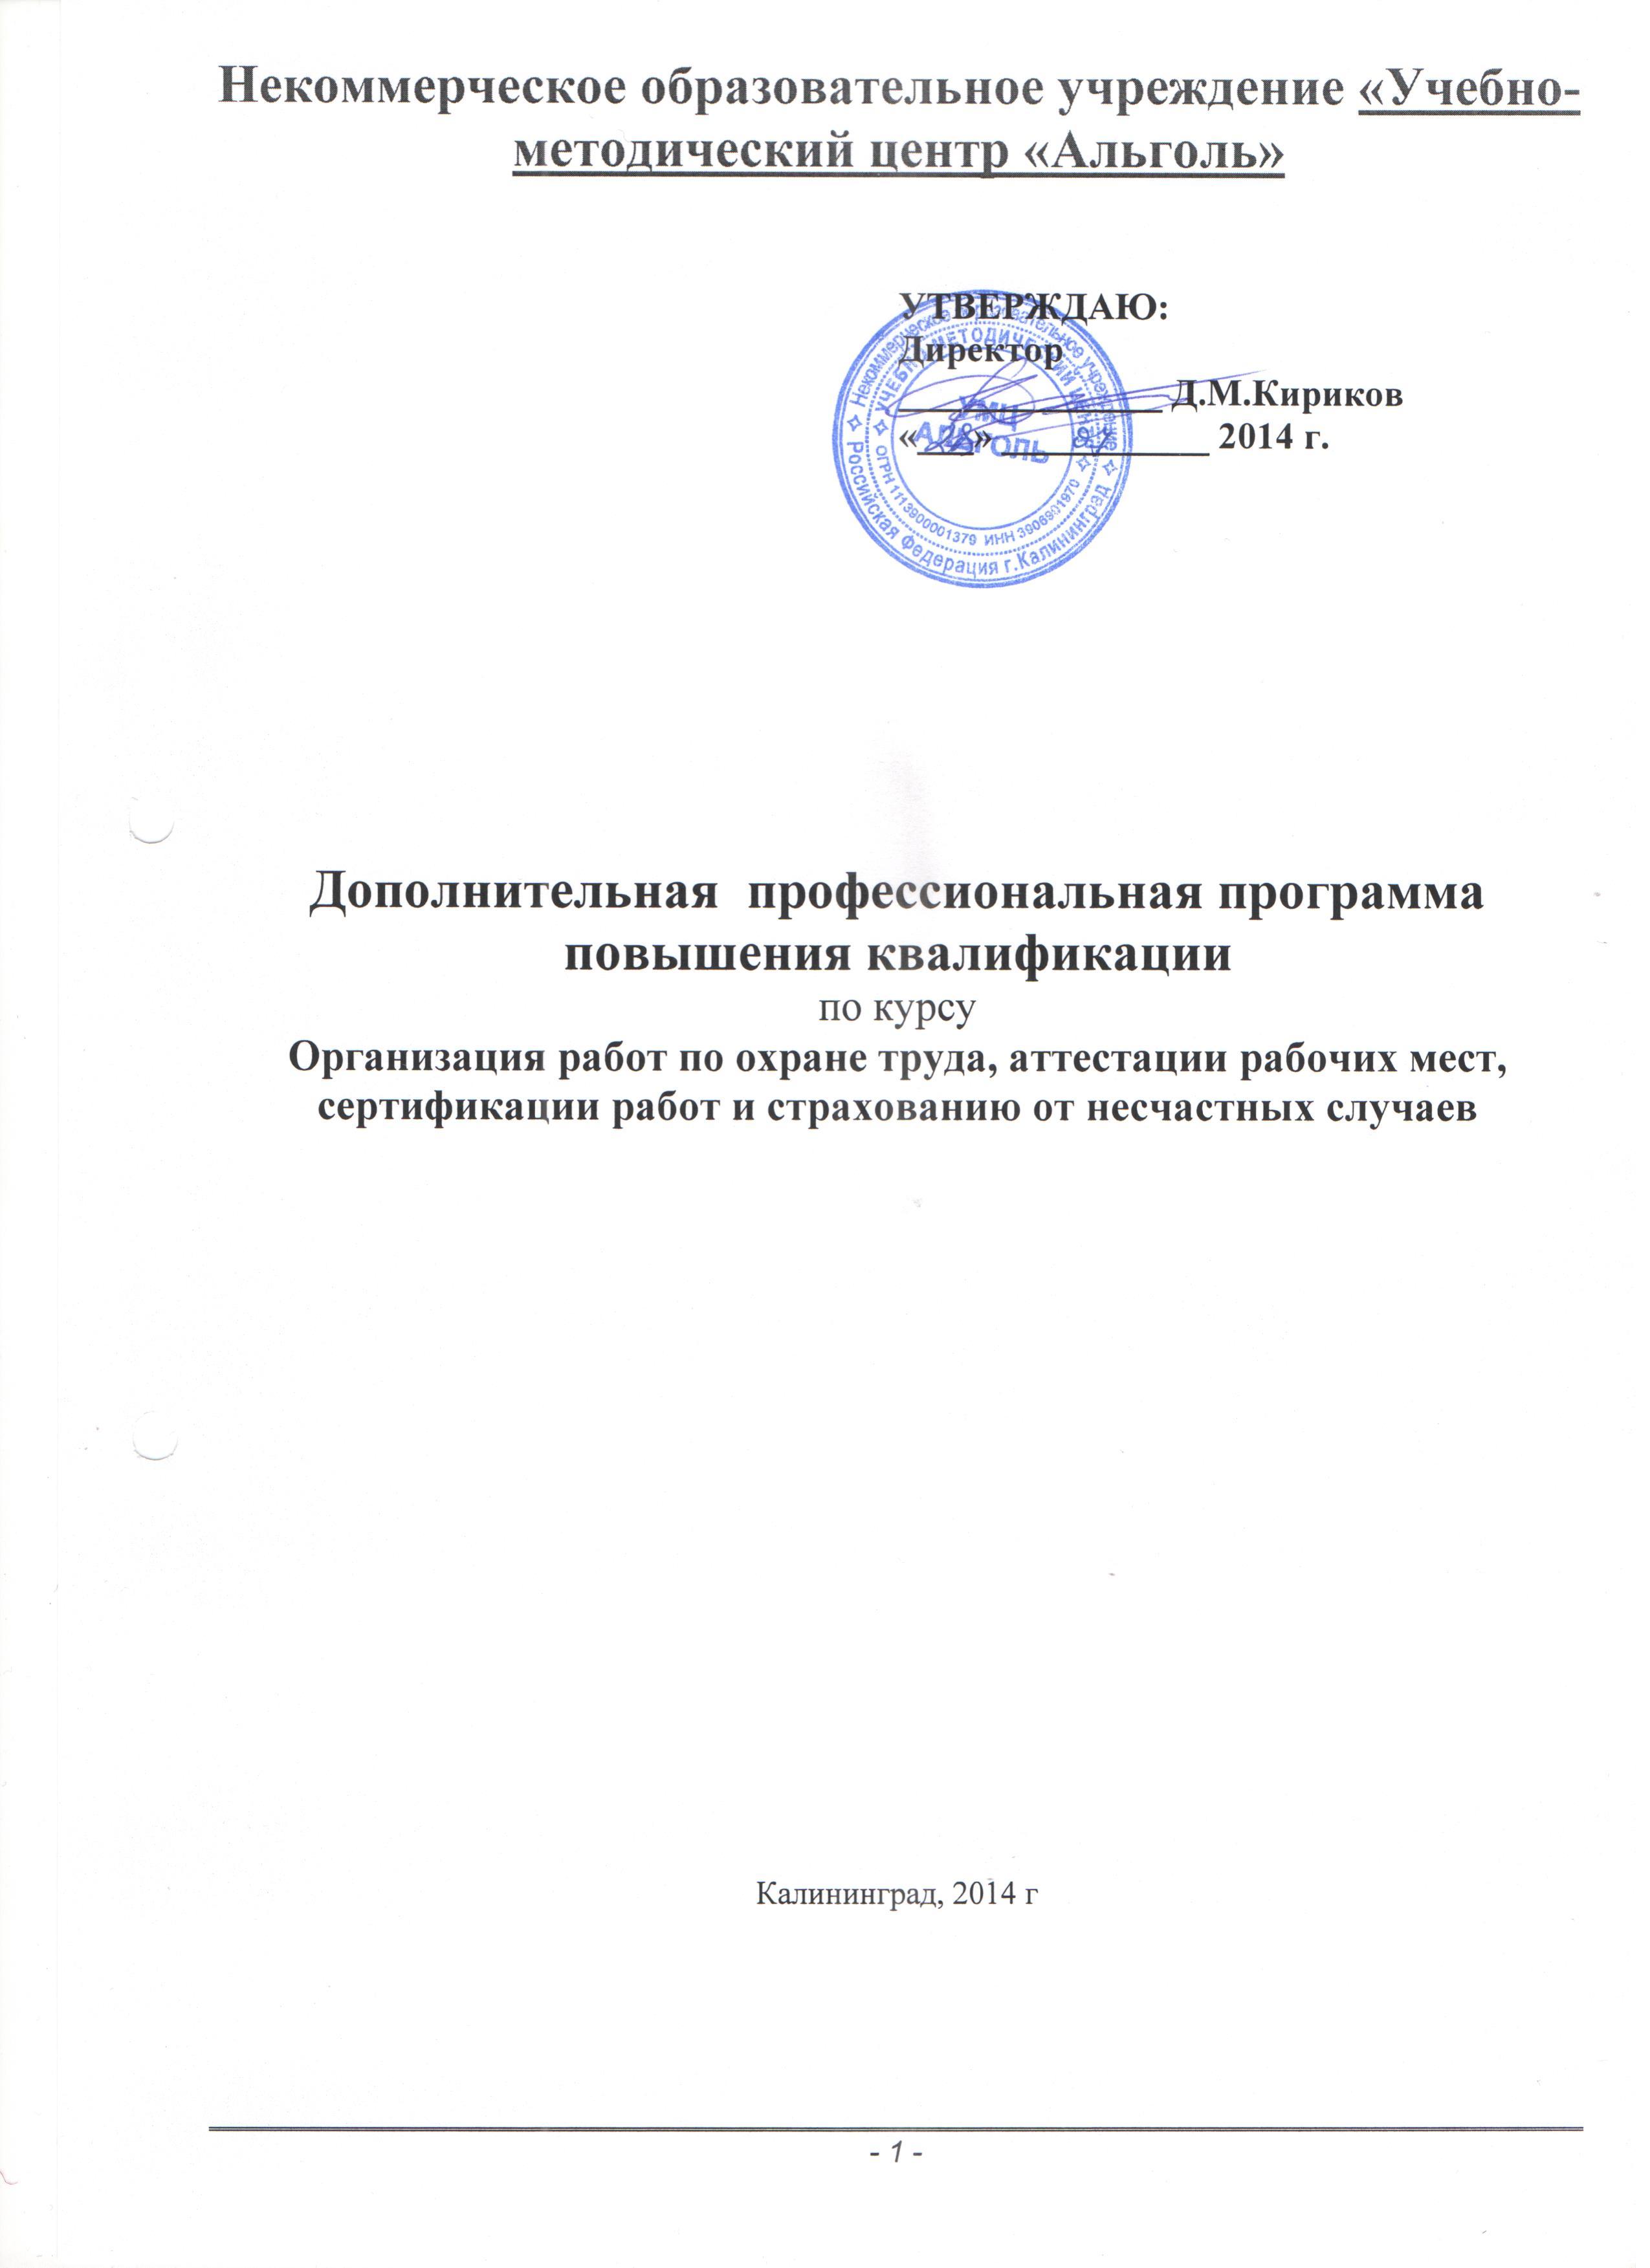 Сахалин сертификация работ по охране труда ms project сертификация